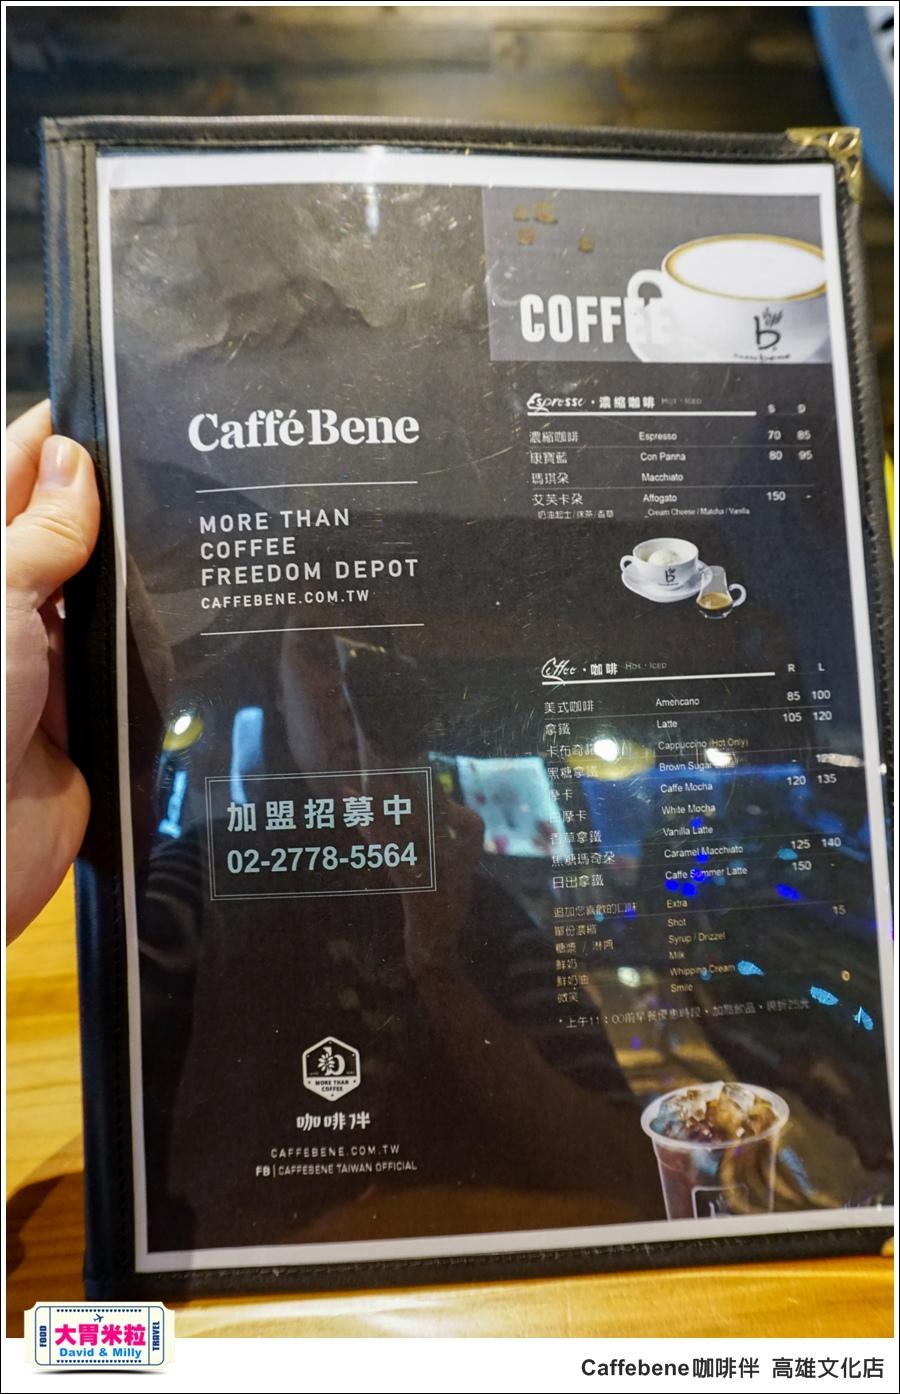 高雄咖啡推薦@ 韓國 Caffebene 咖啡伴 高雄文化店 @大胃米粒 0010.jpg